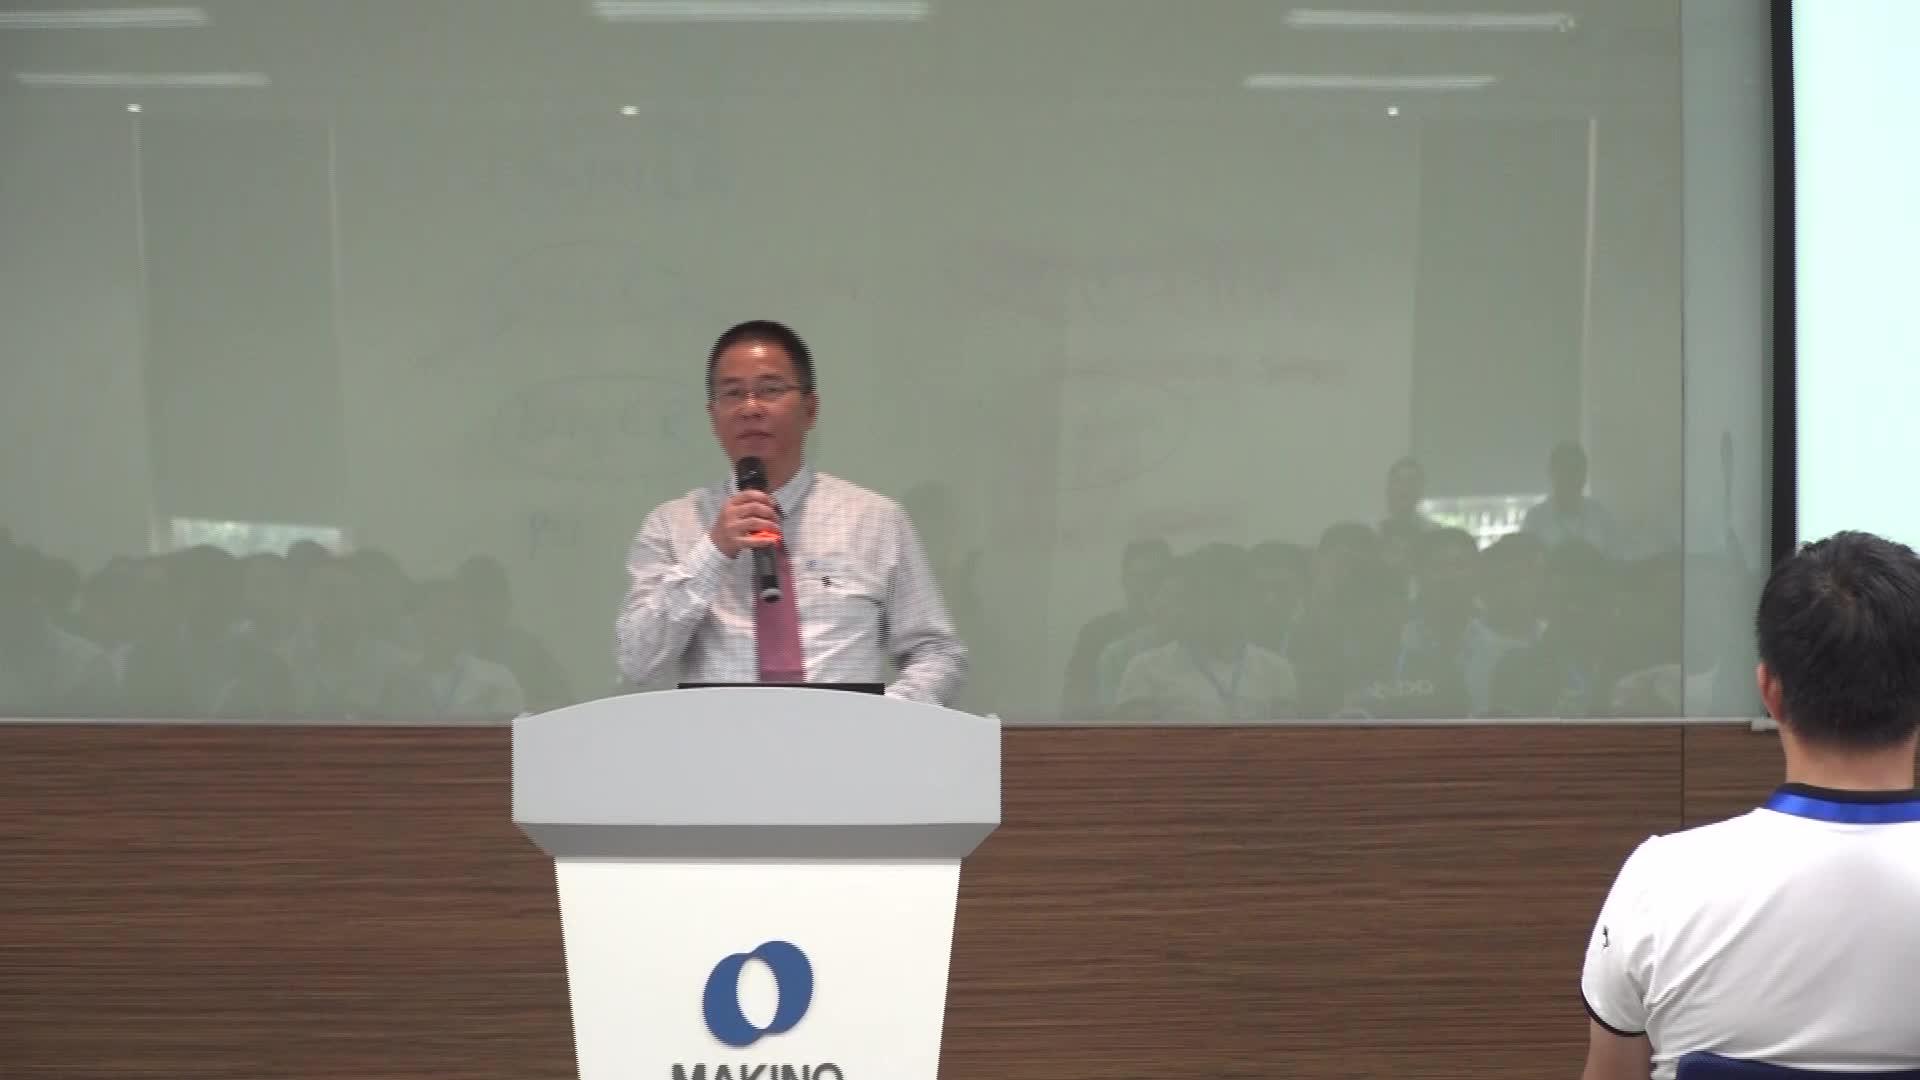 【致开幕词】牧野机床(中国)有限公司副总裁 李永春先生